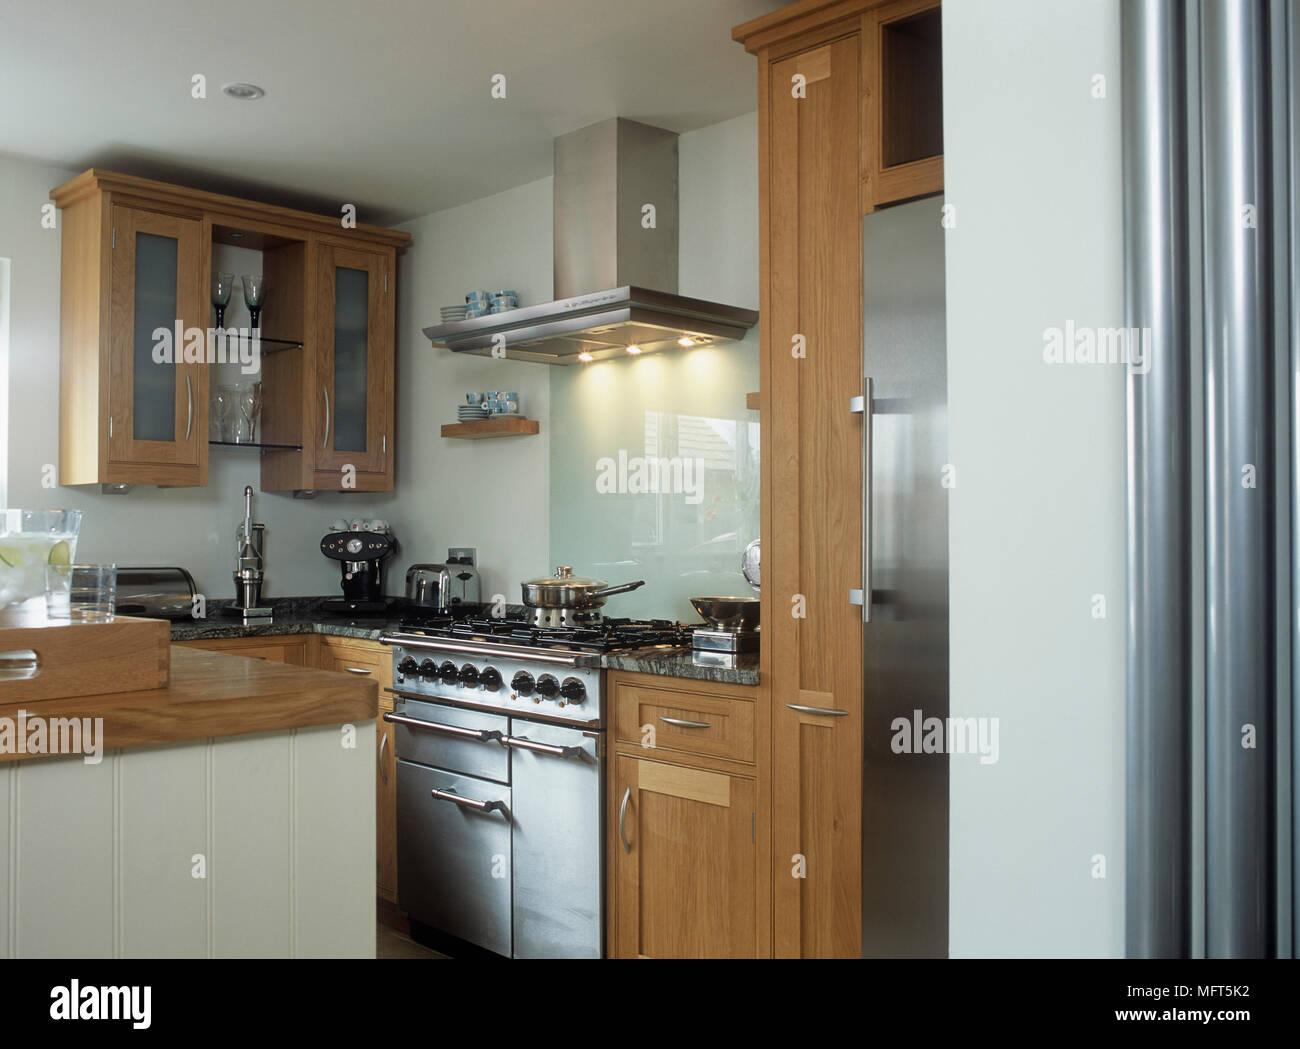 Ein Detail einer modernen Küche mit Holz- und Küchengeräte aus ...